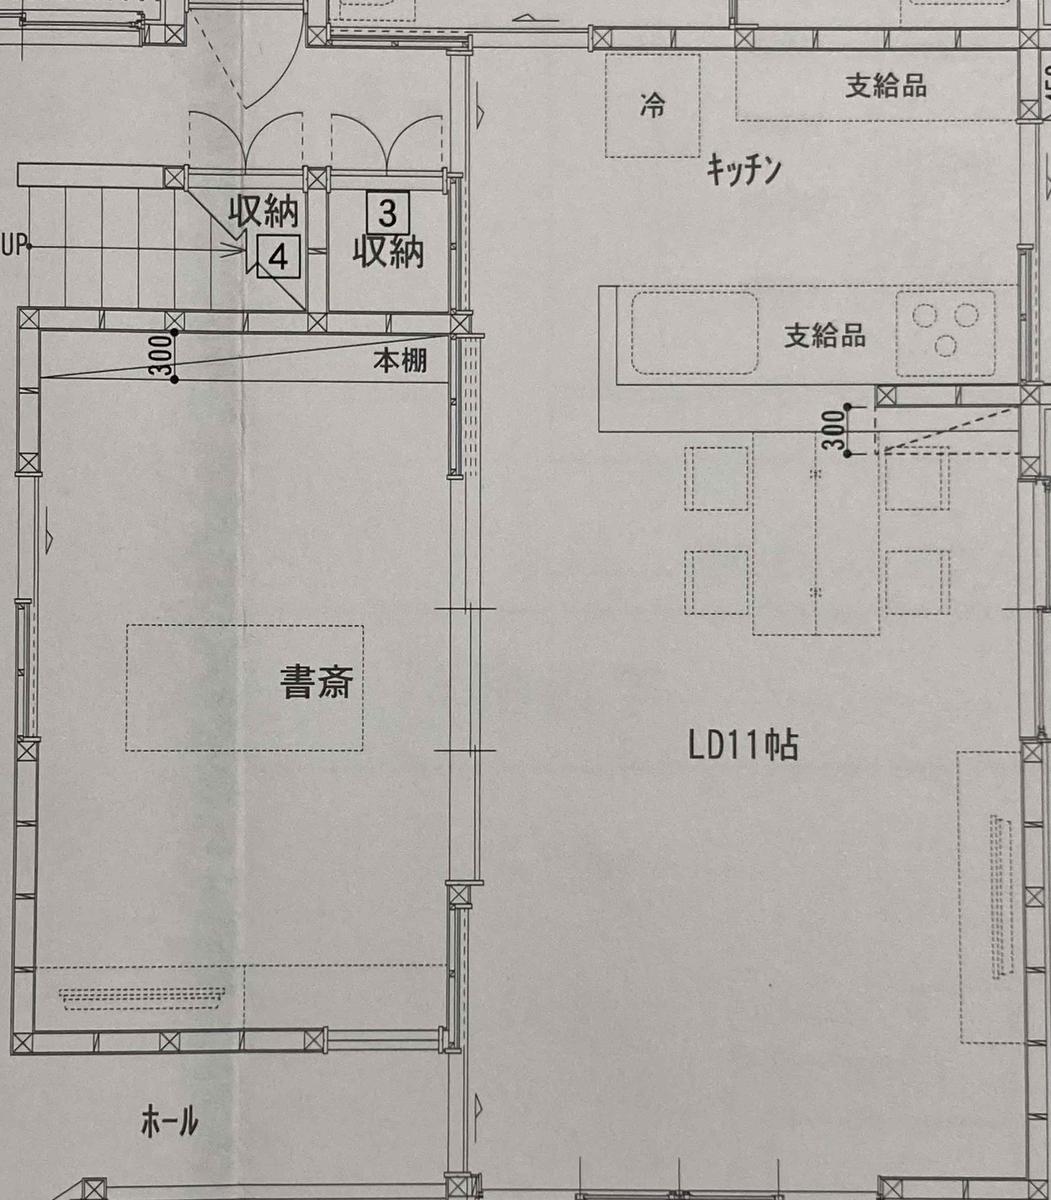 f:id:sizyuukara-1979:20210903051802j:plain